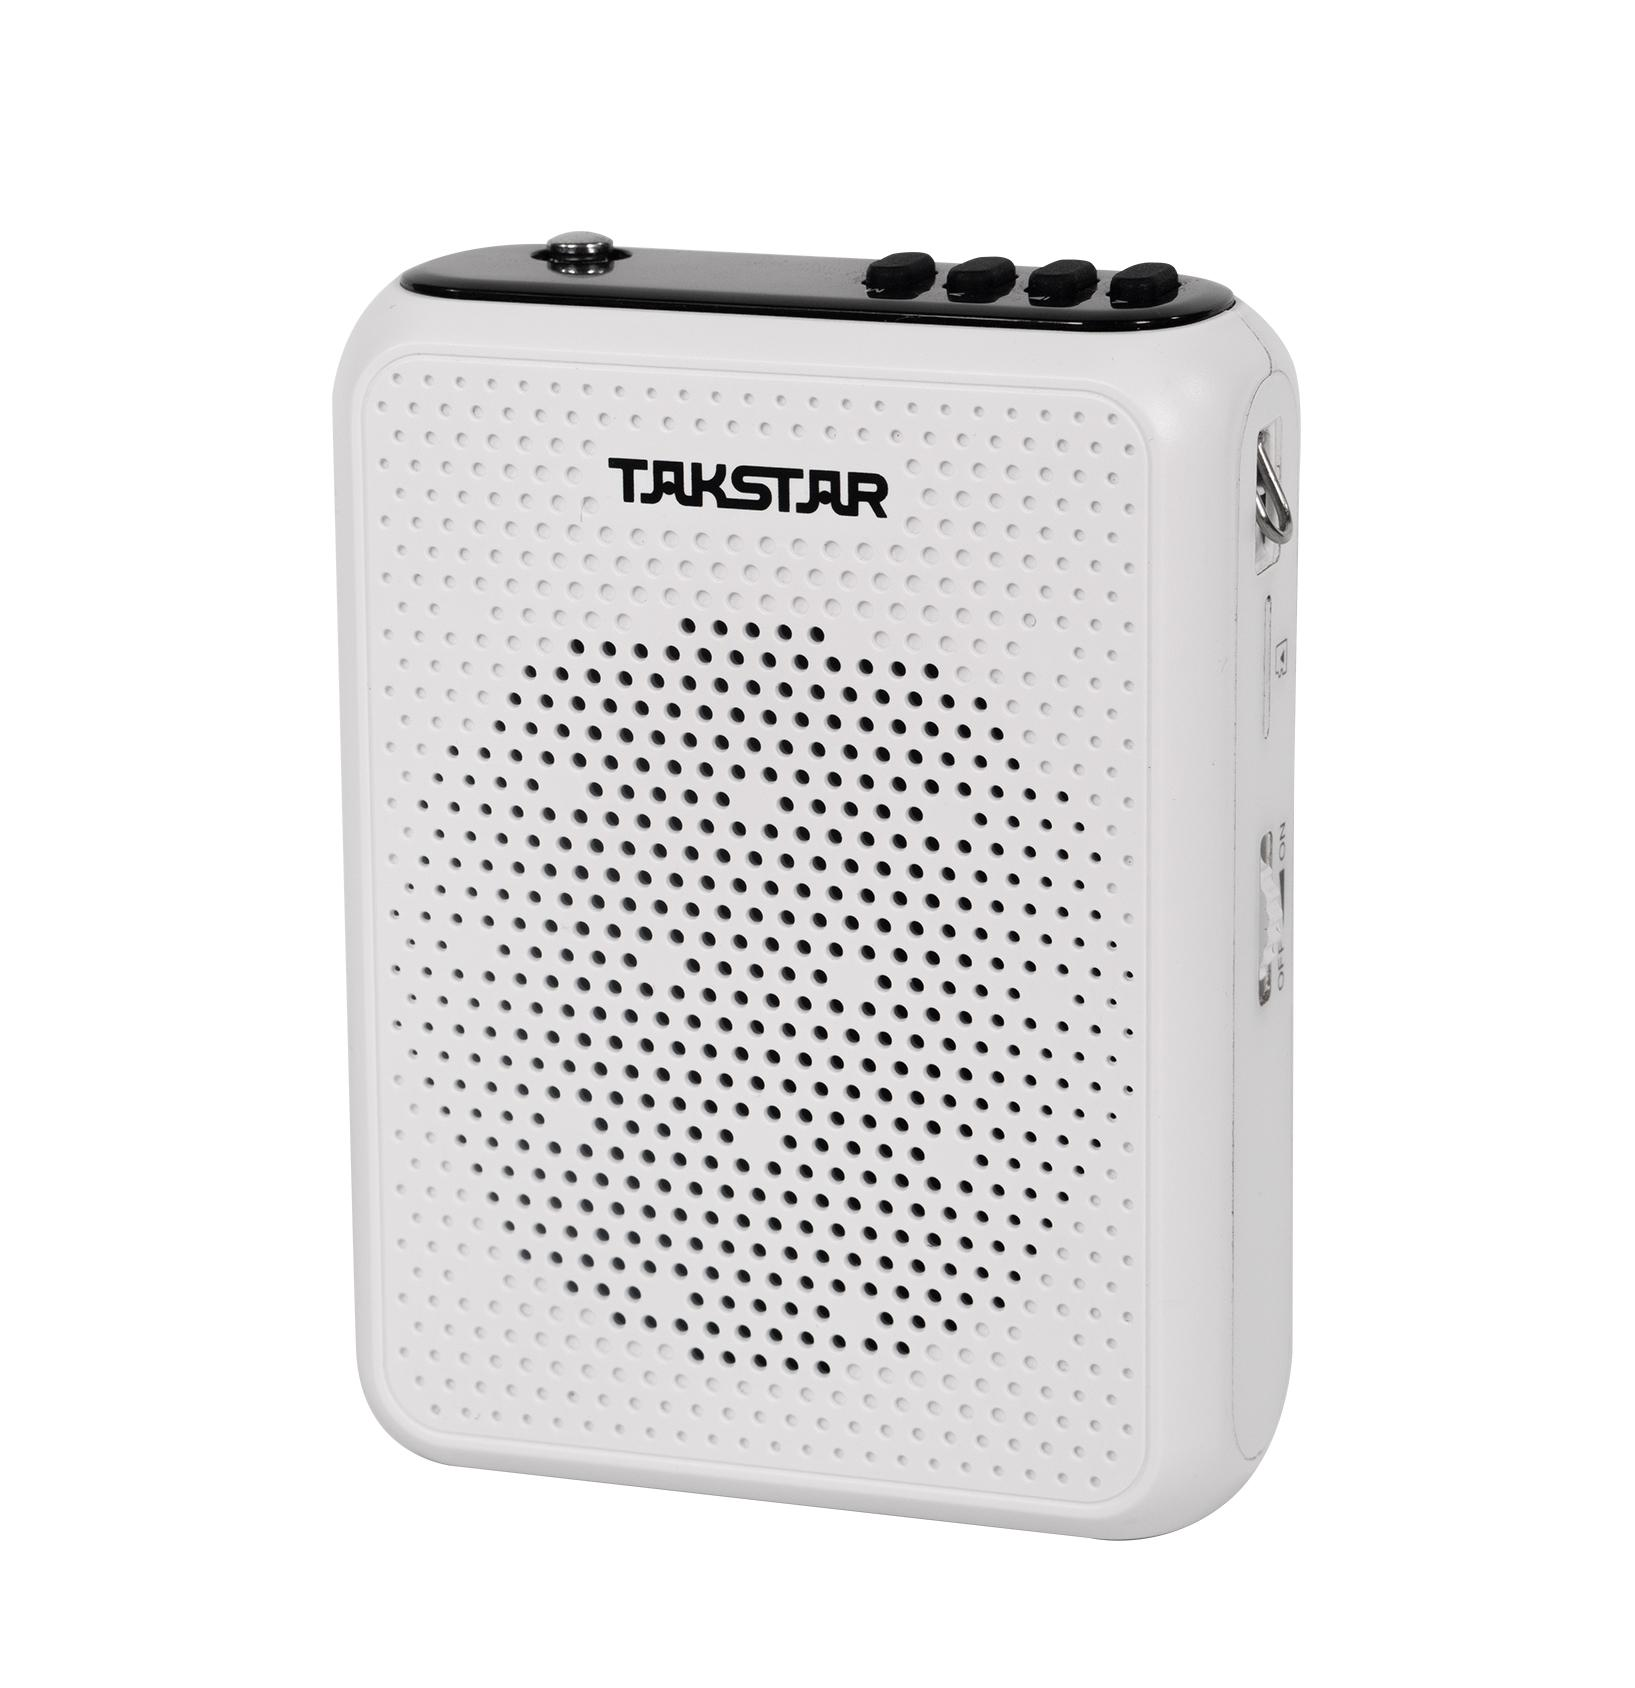 Máy trợ giảng không dây UHF Takstar E300W (Tặng kèm củ sạc) - Hàng chính hãng